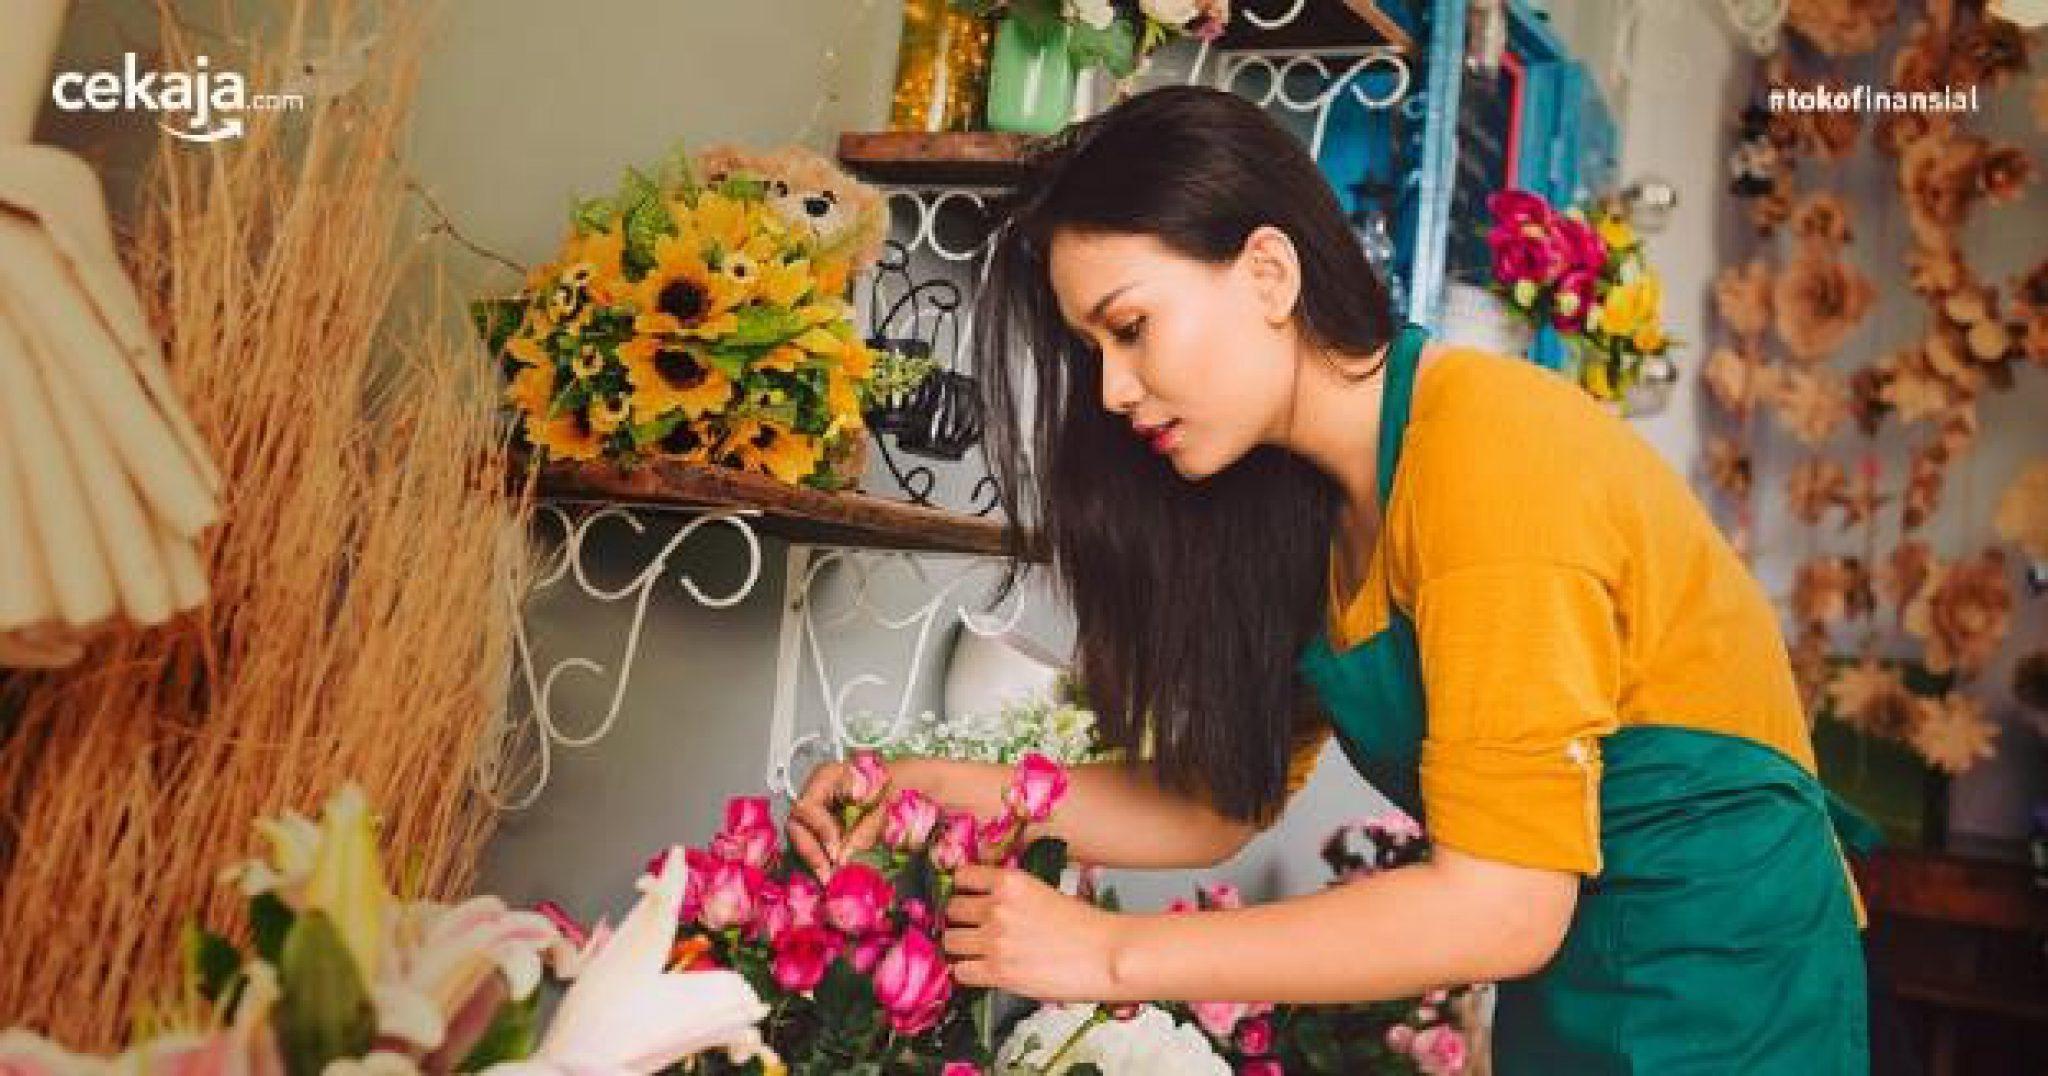 7 Usaha Agrobisnis Menguntungkan Yang Bisa Dilakukan Di Rumah